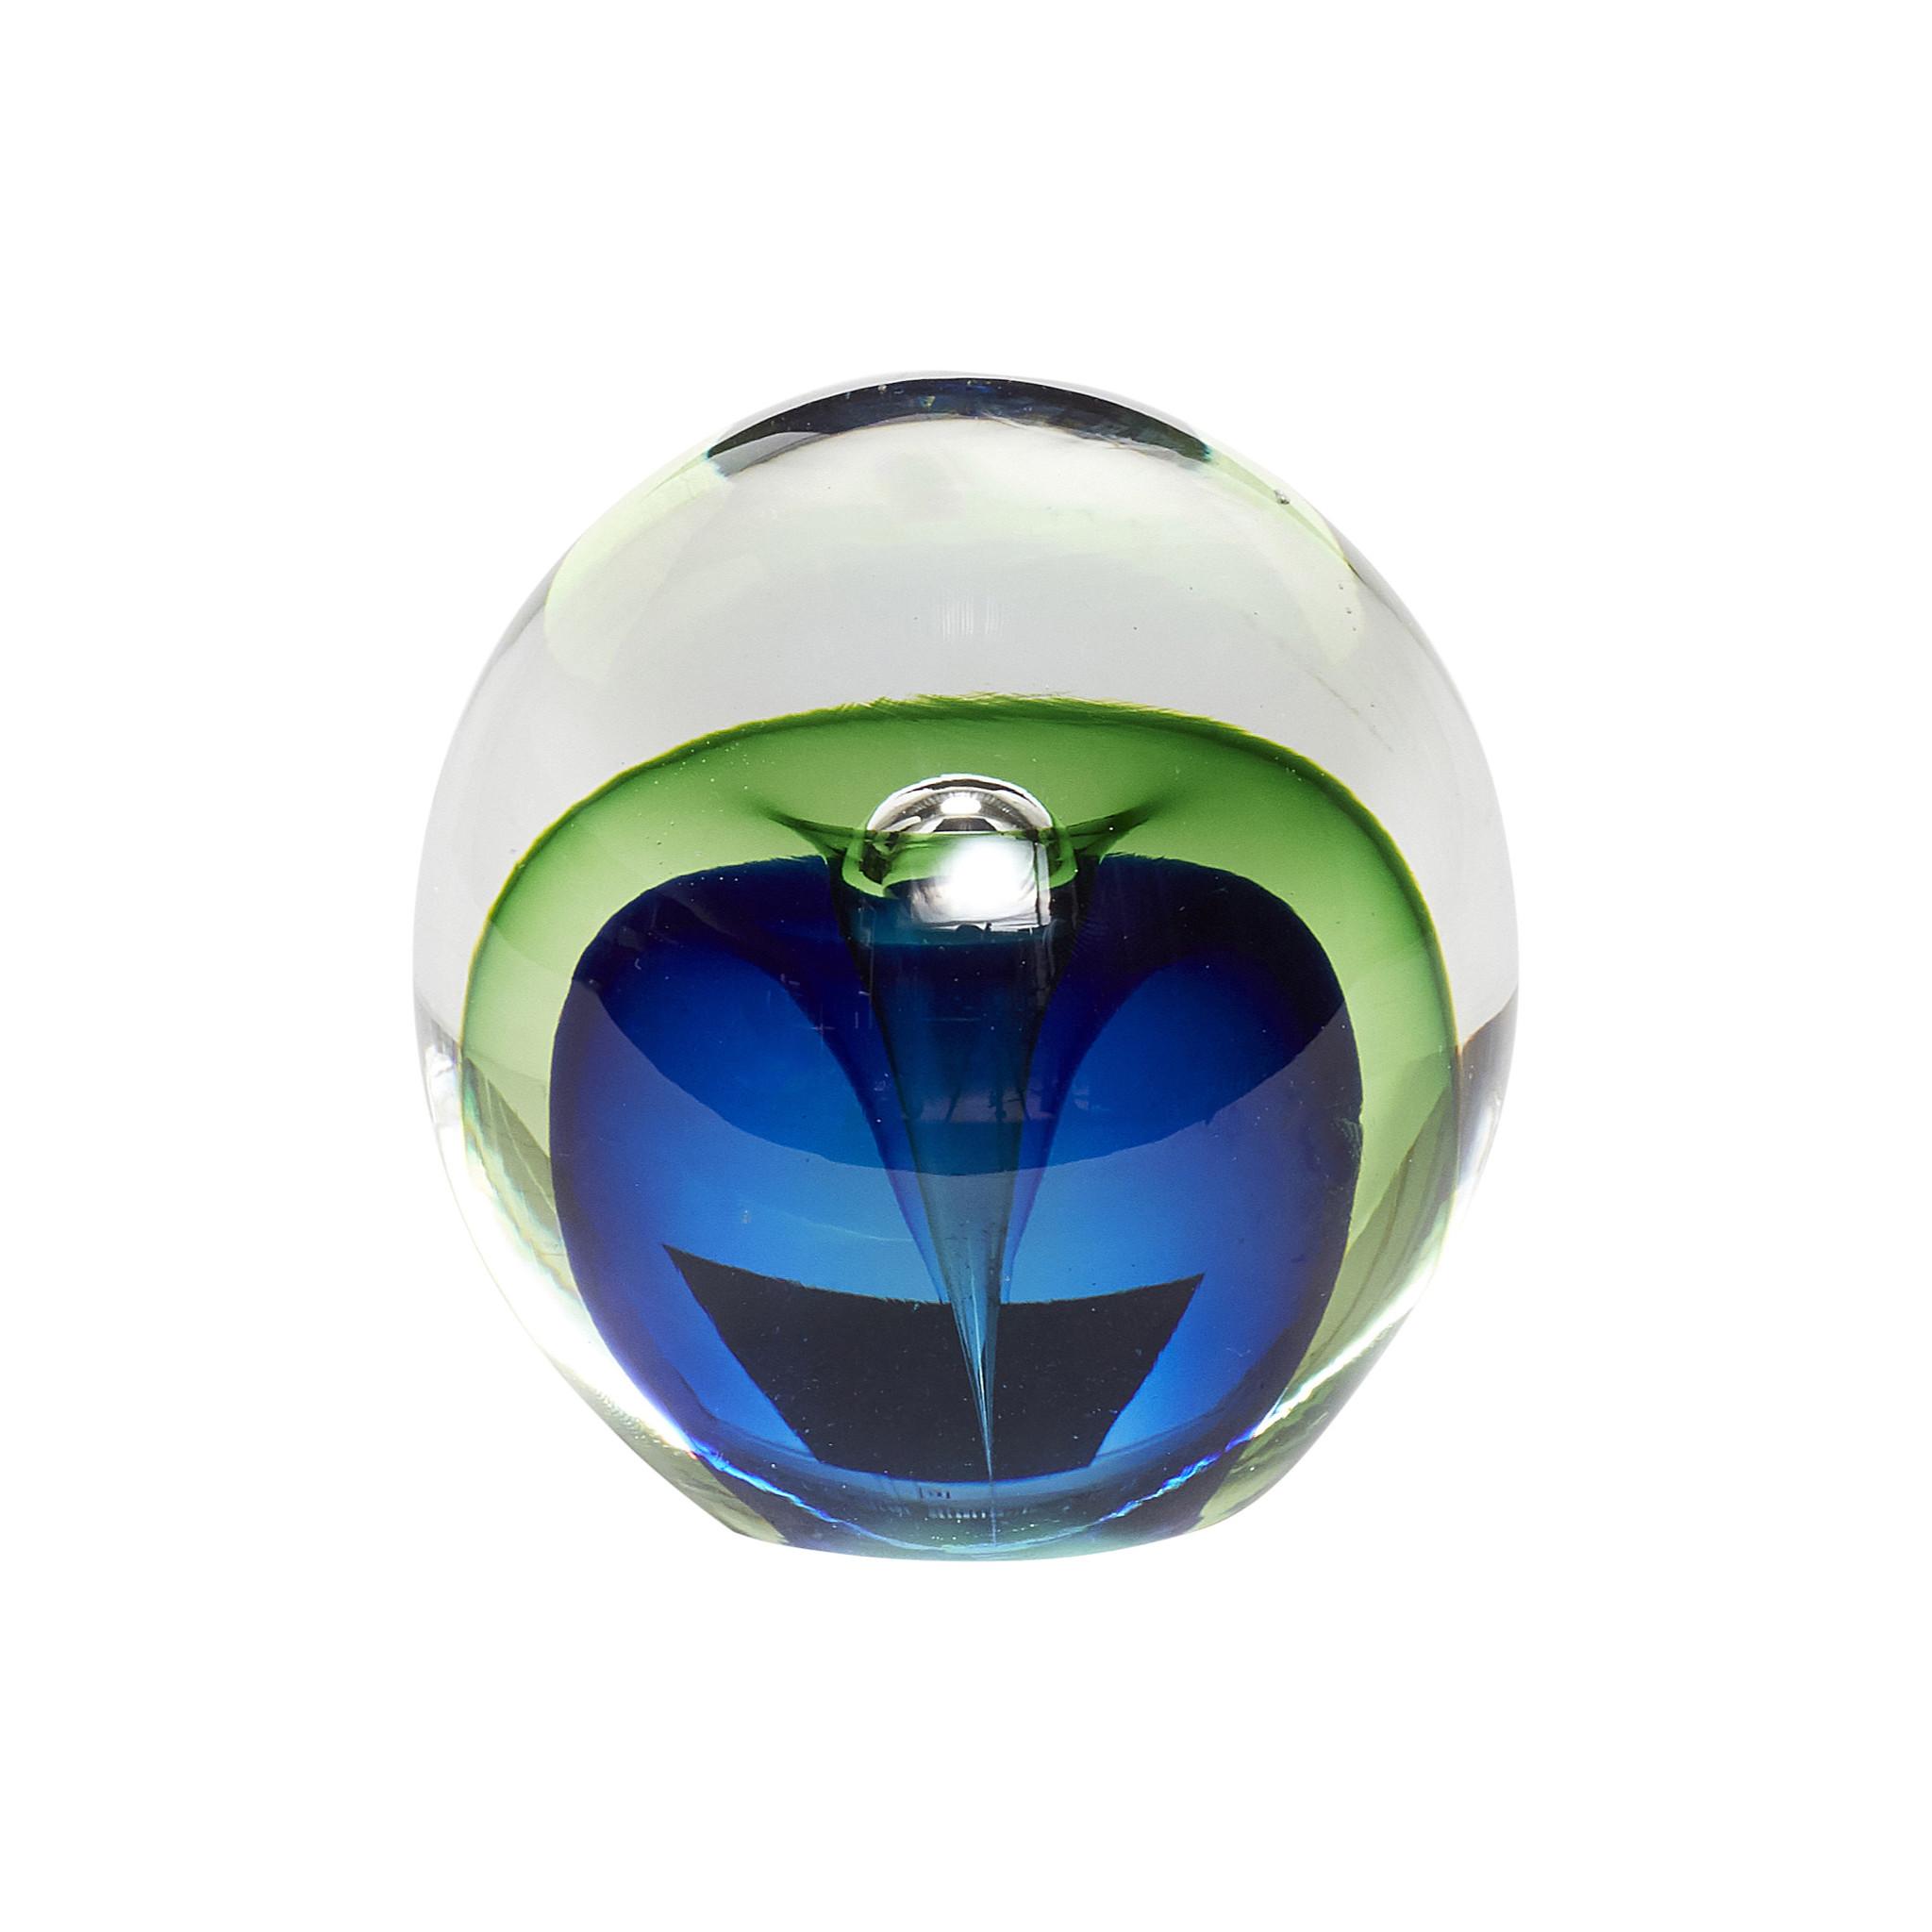 Hubsch Presse-papier, glas, blauw / groen-160601-5712772061046